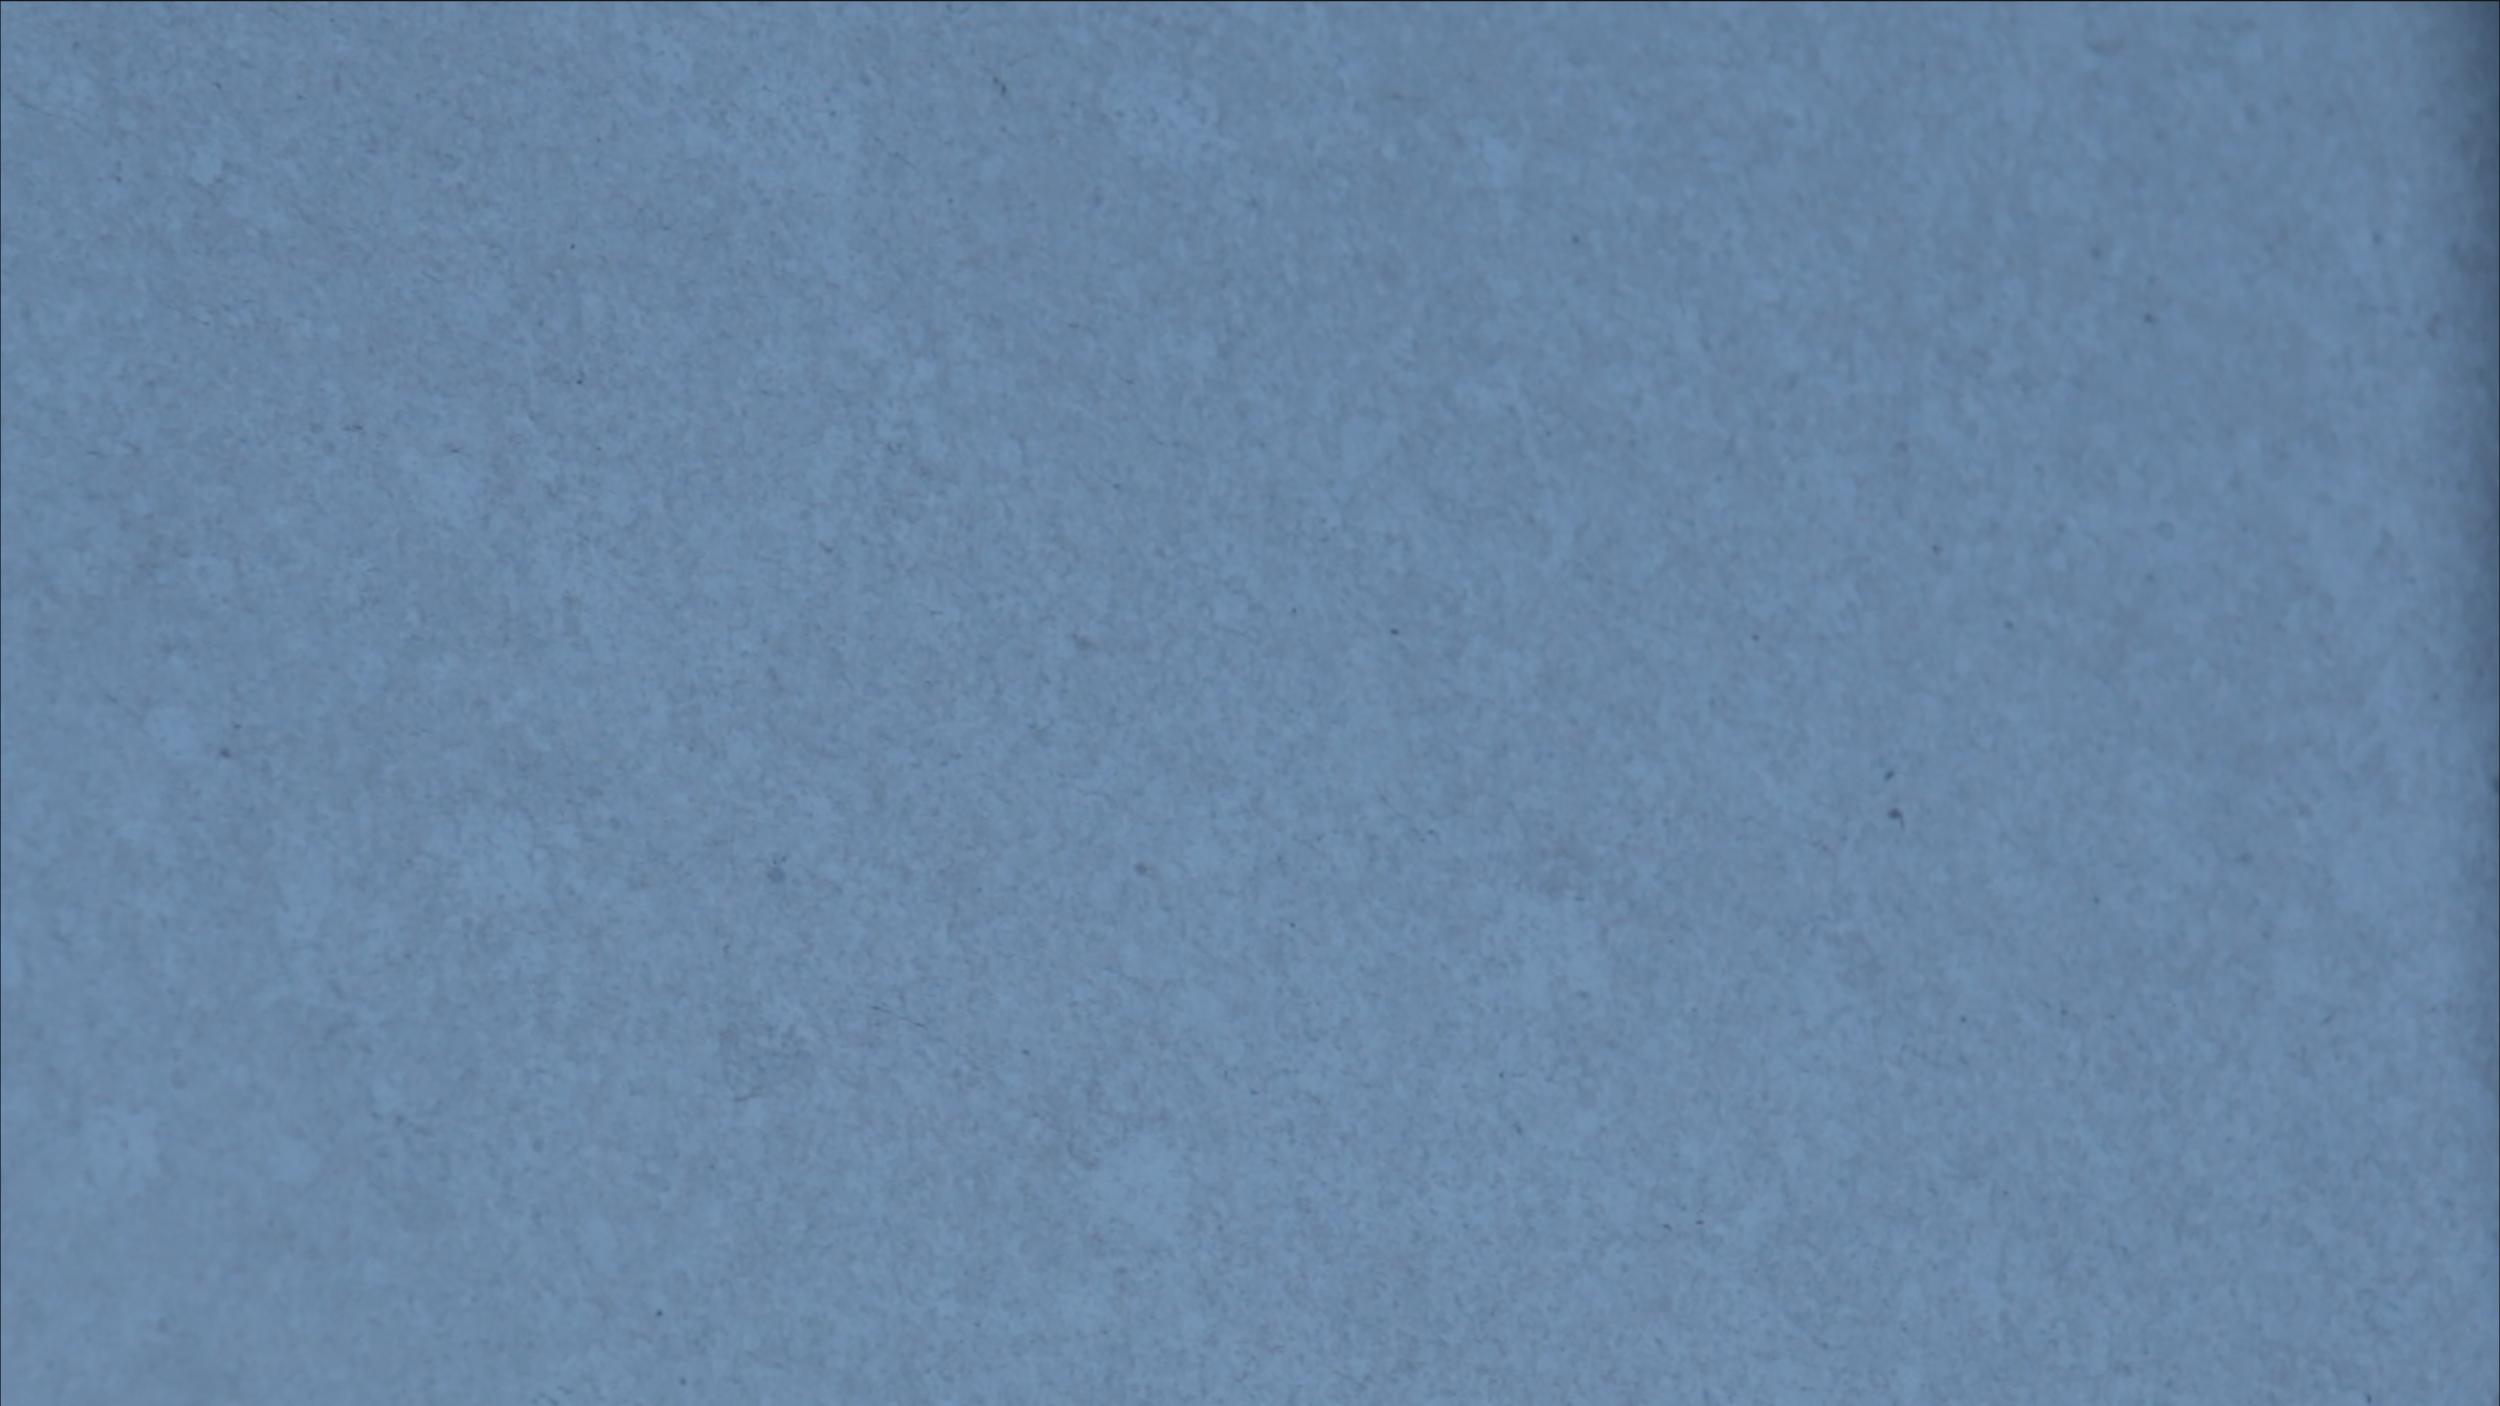 Screen Shot 2019-10-07 at 2.48.47 PM.png